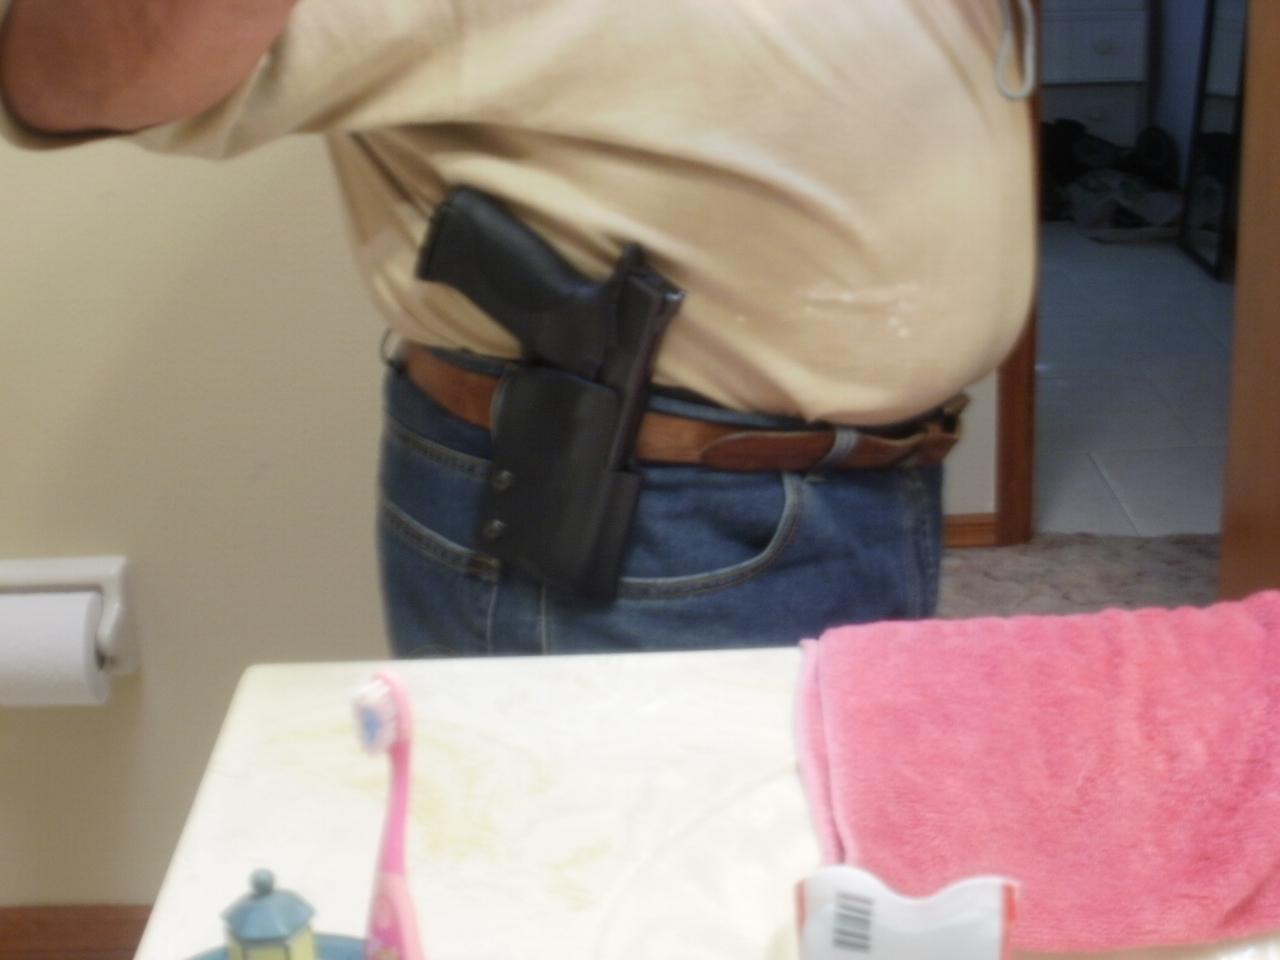 OWB Concealed Carry-p3030361.jpg